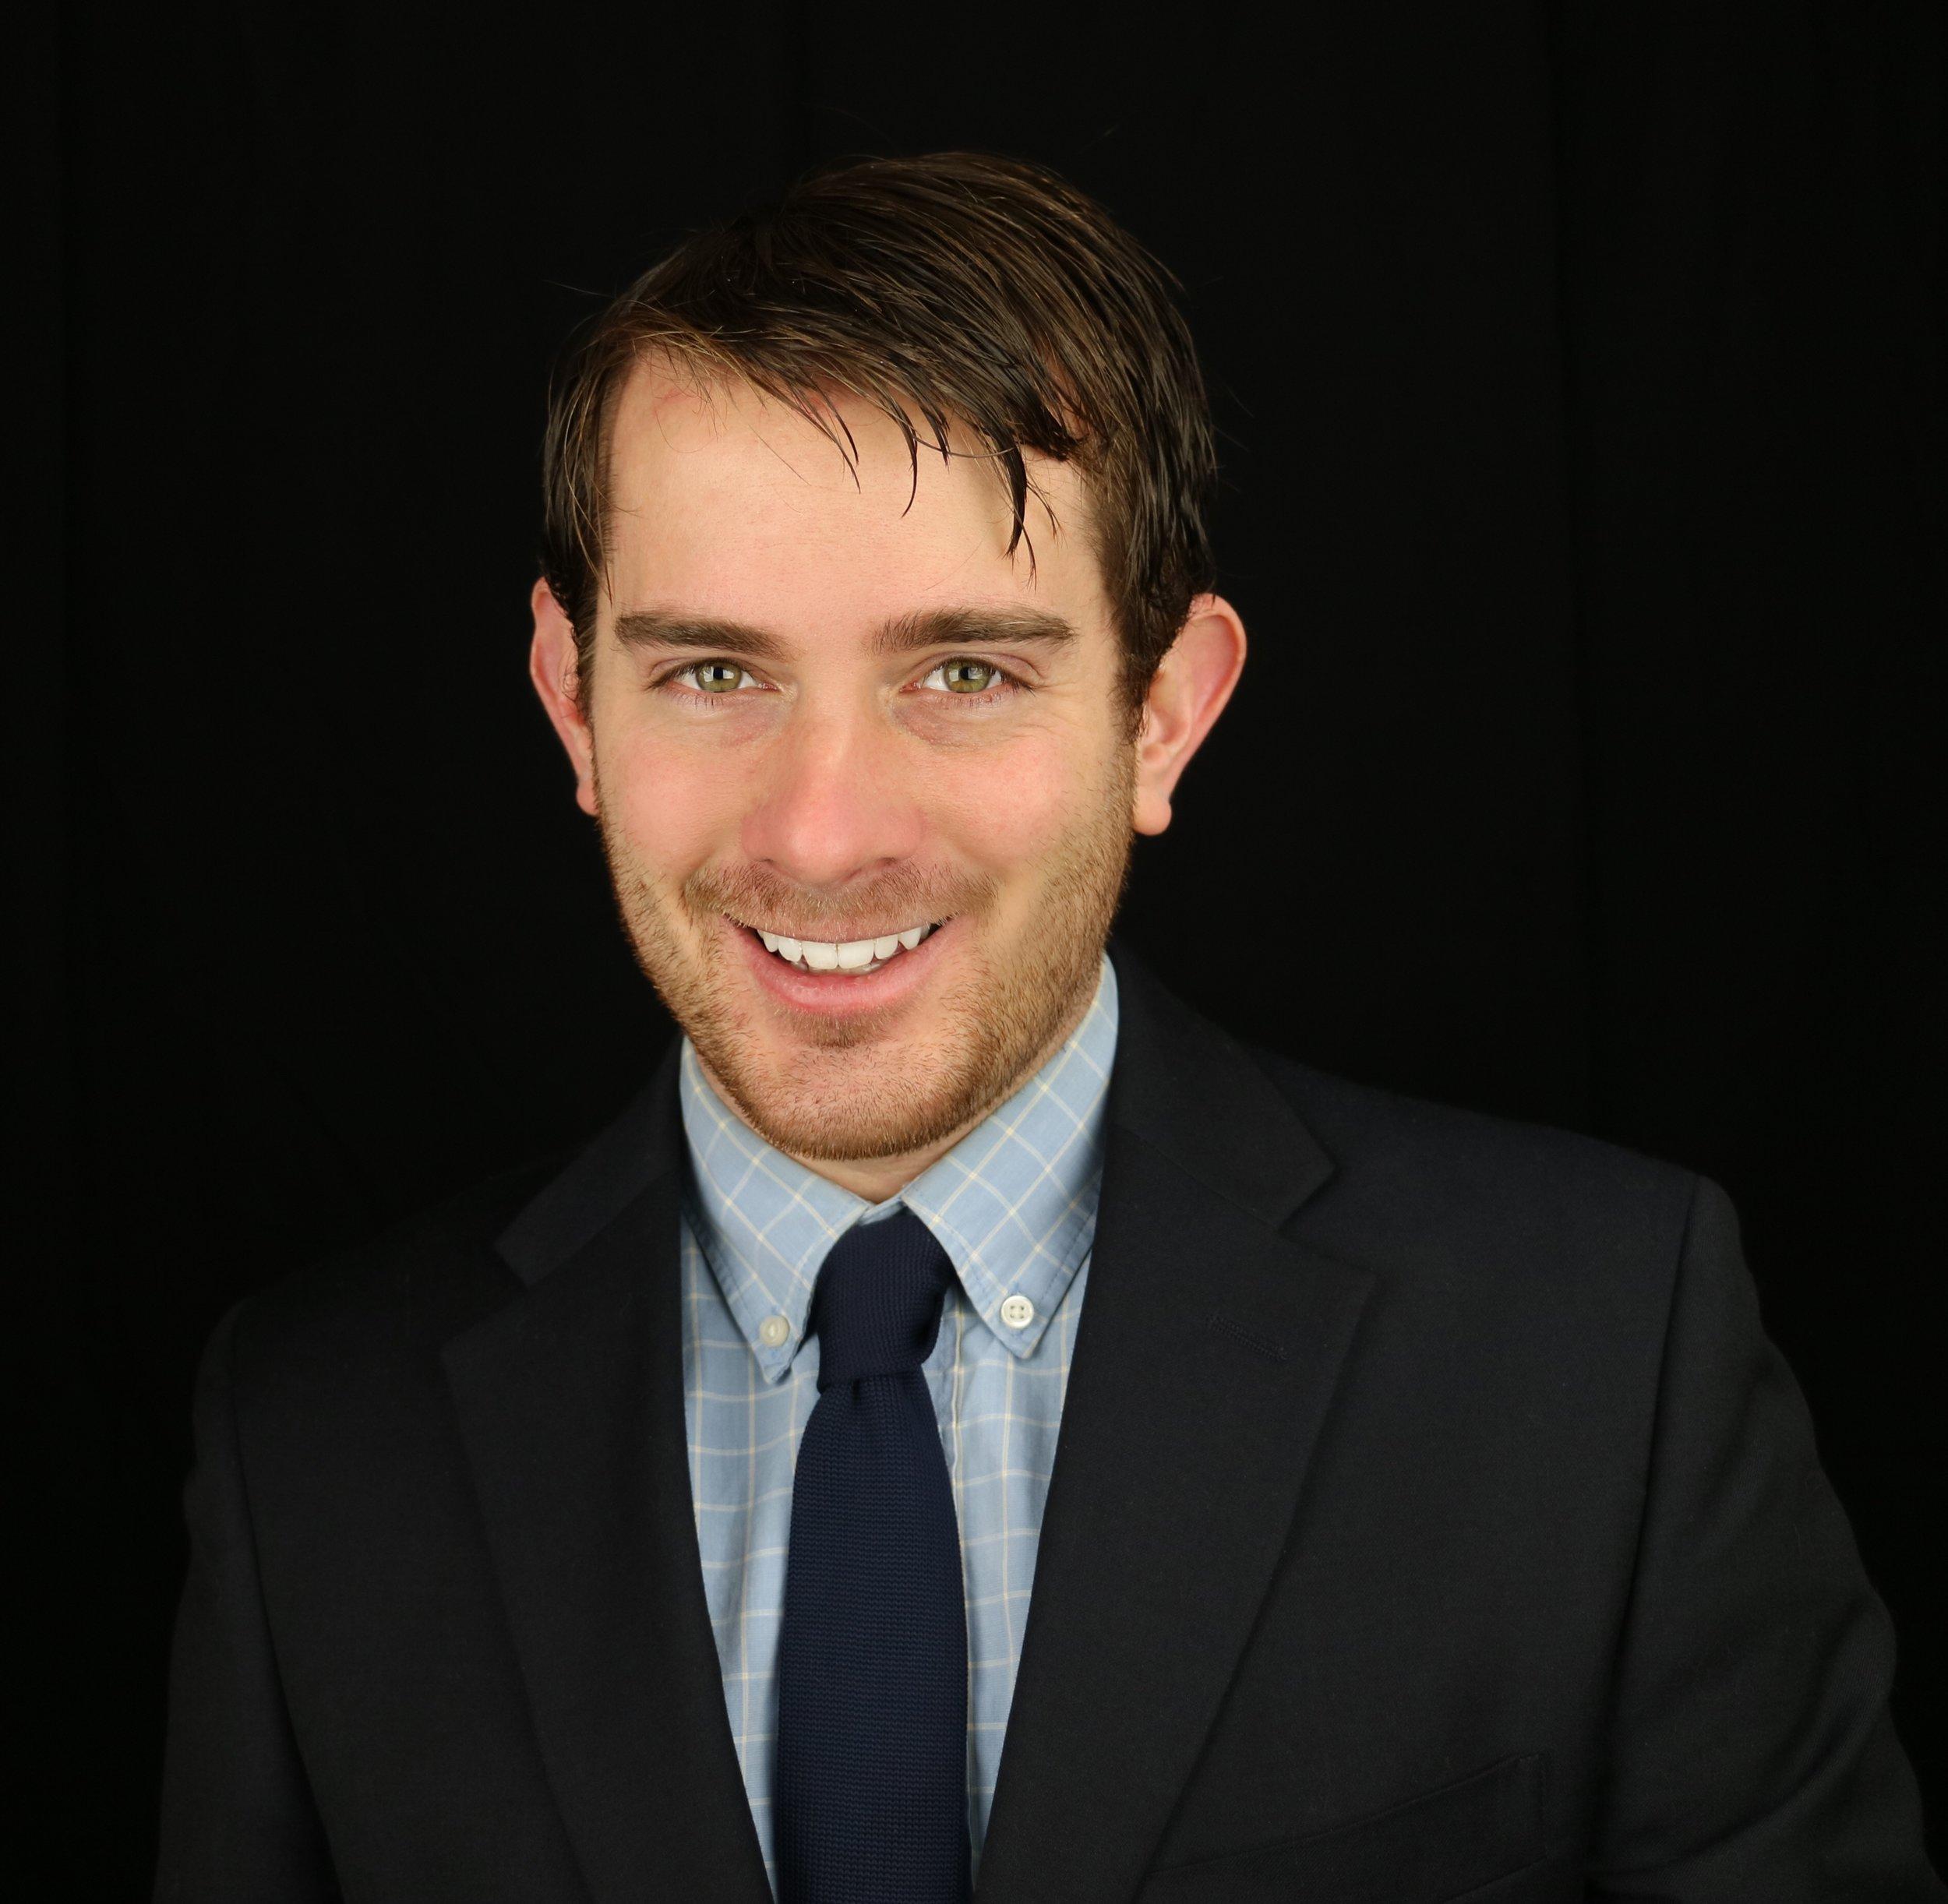 Ryan O'Shea Headshot.JPG